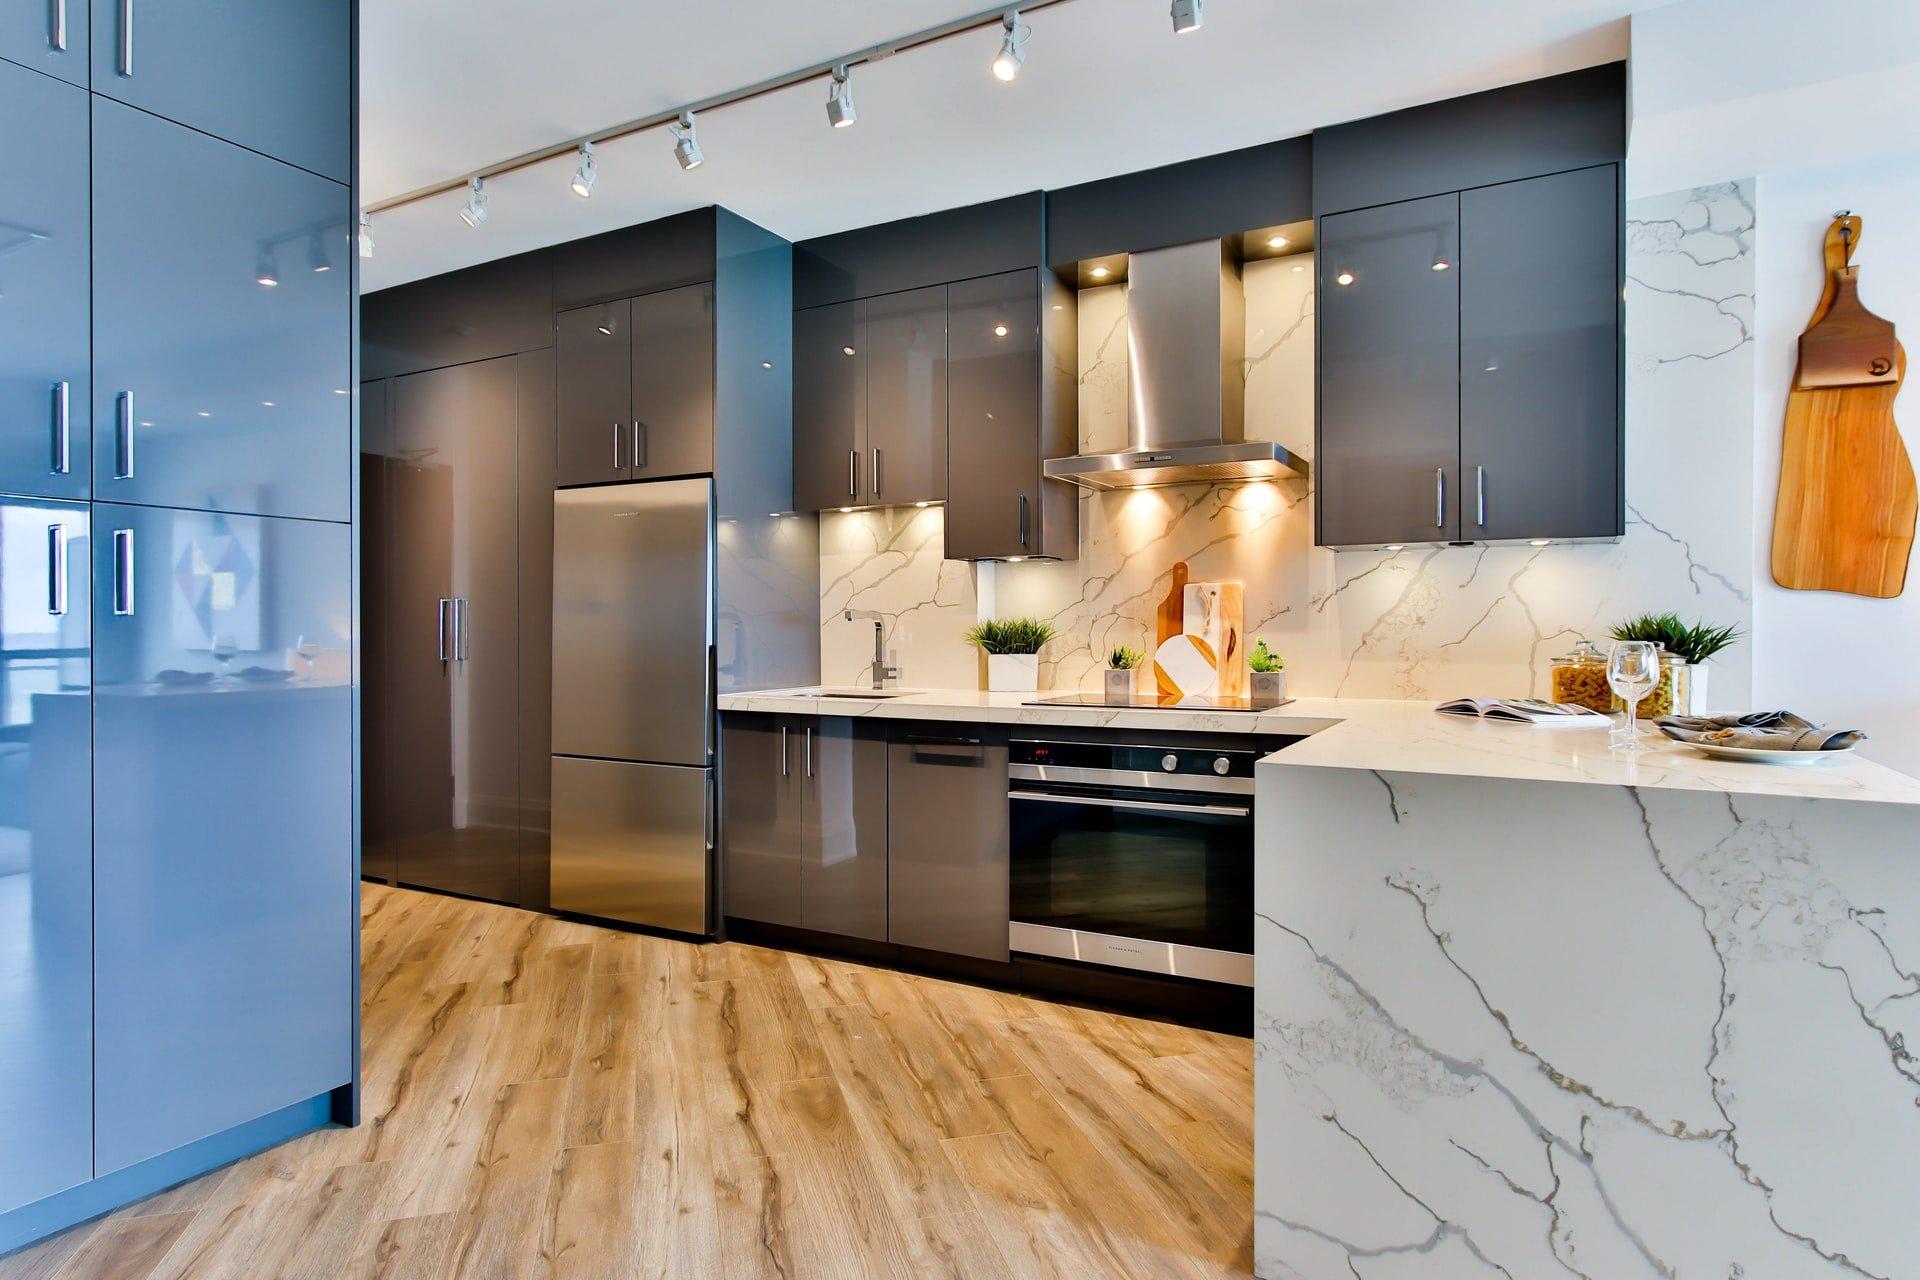 Afbeelding van een keuken